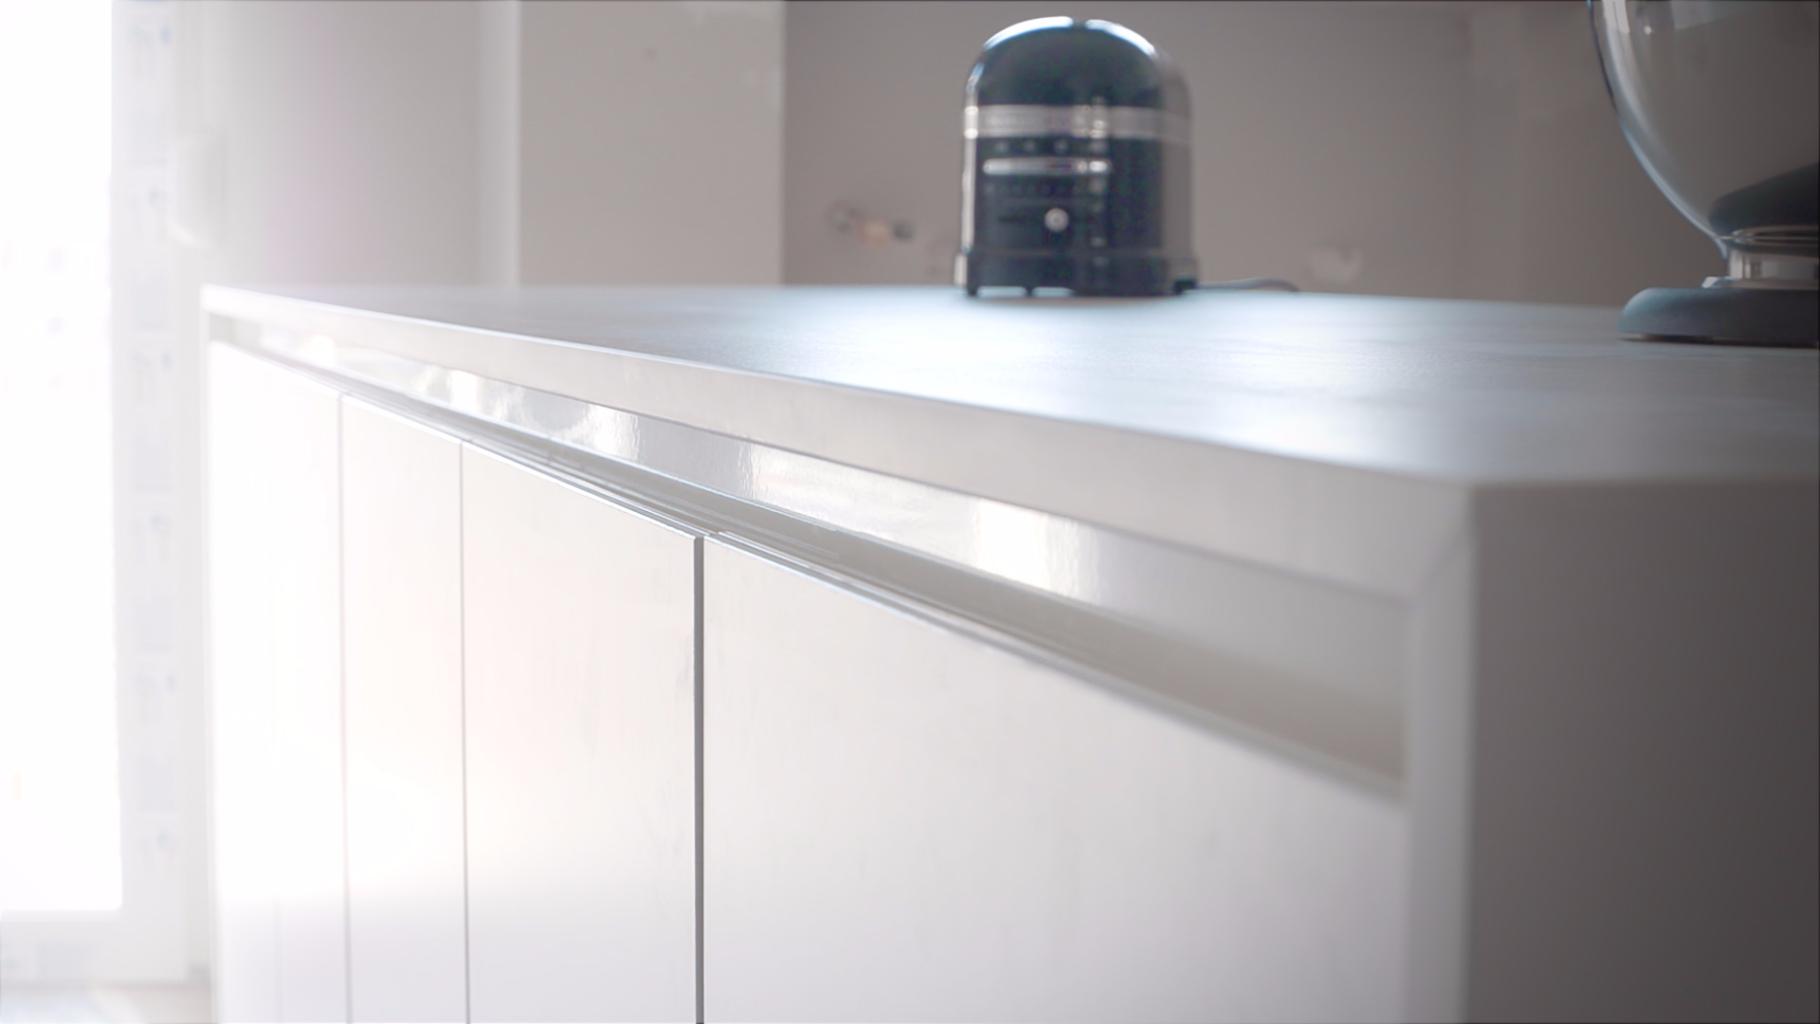 Dekton il nostro piano cucina firmato cosentino theoldnow - Piano cucina in dekton ...